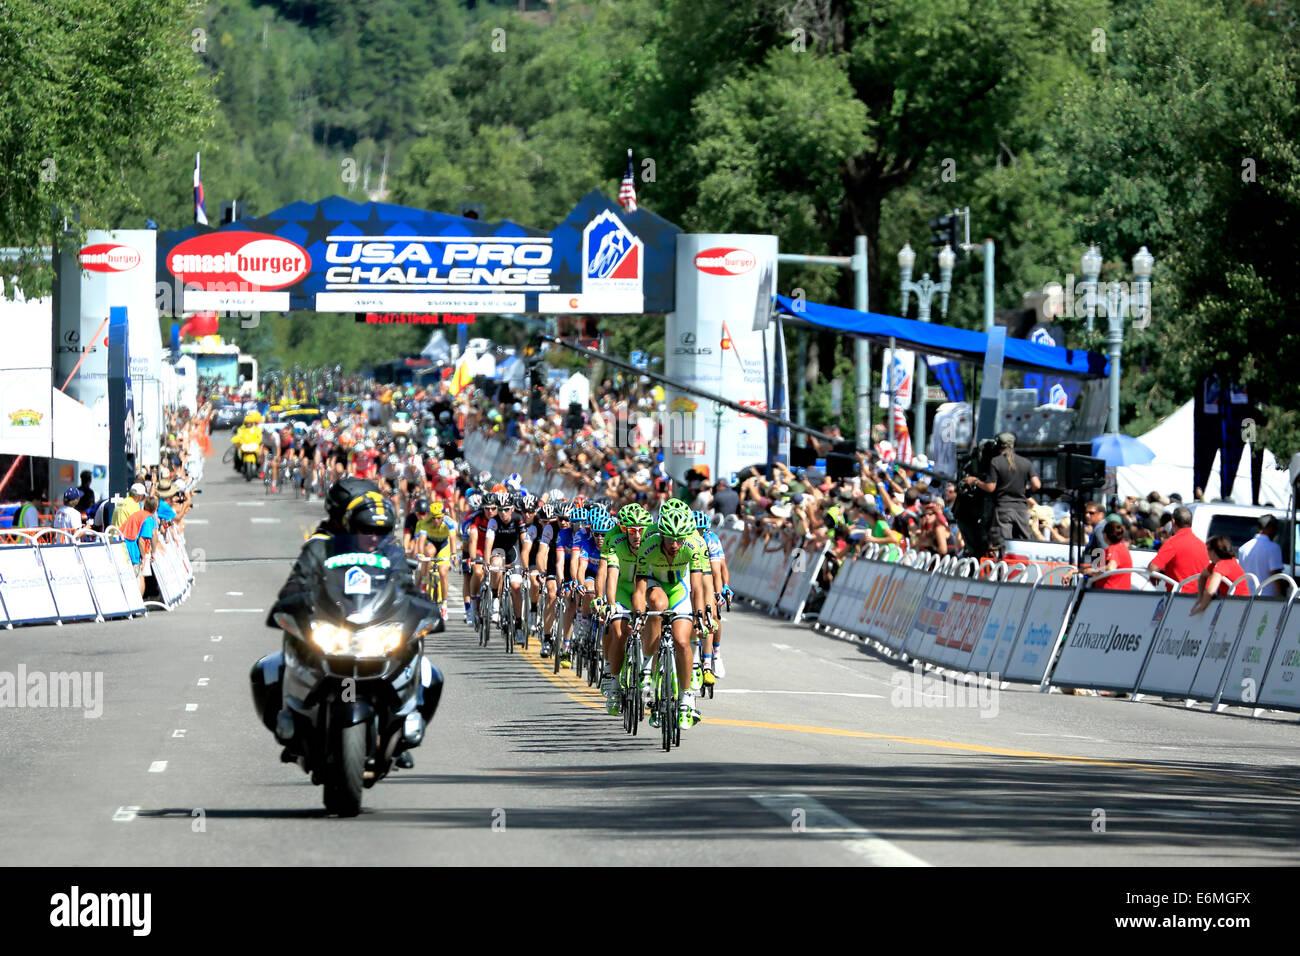 Les cyclistes, de soutien et de moto Départ/But, USA Pro Challenge course cycliste, Aspen, Colorado Photo Stock